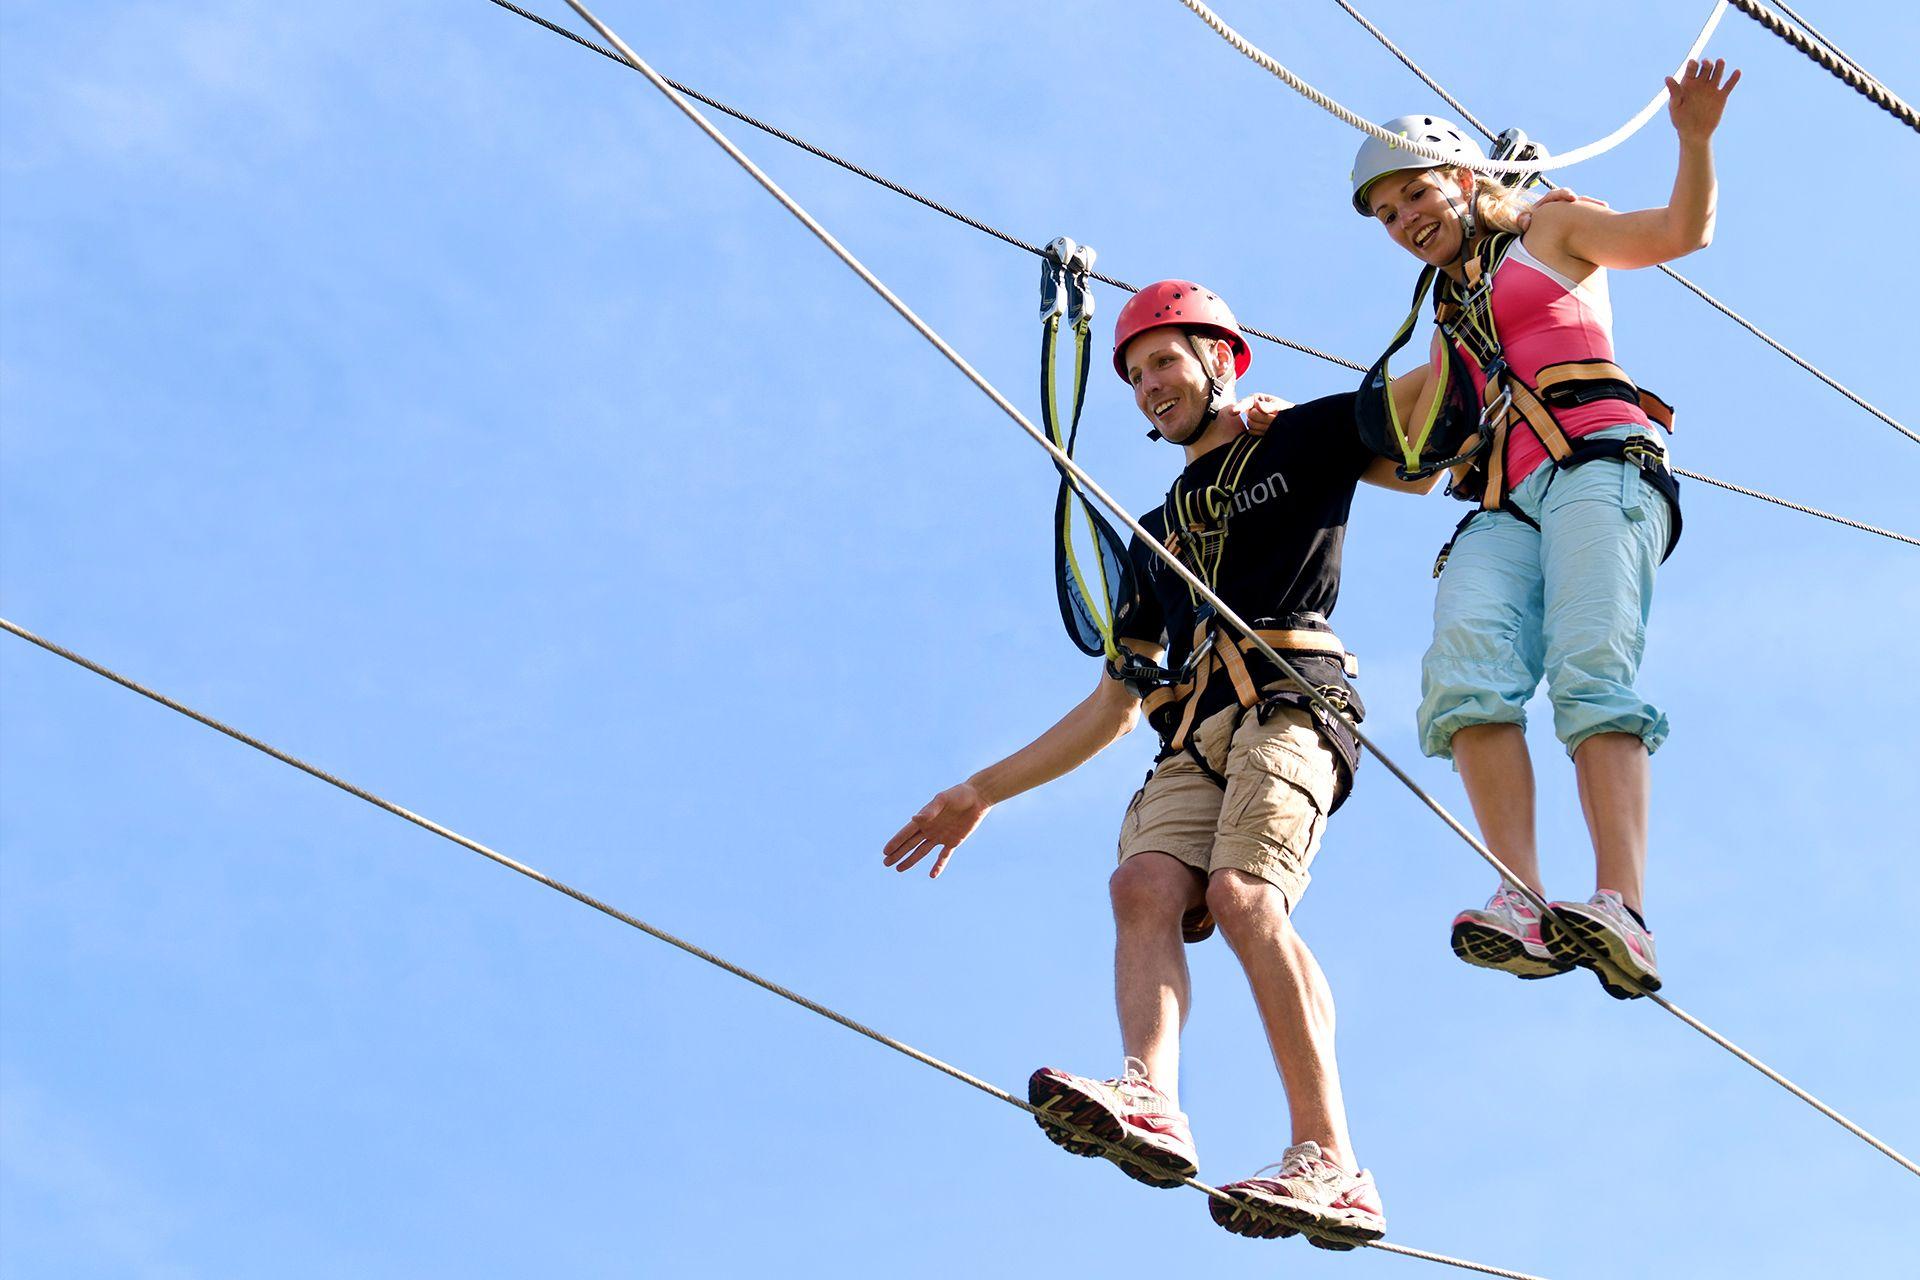 Kletterausrüstung Wiesbaden : Ausflug mit kind in wiesbaden